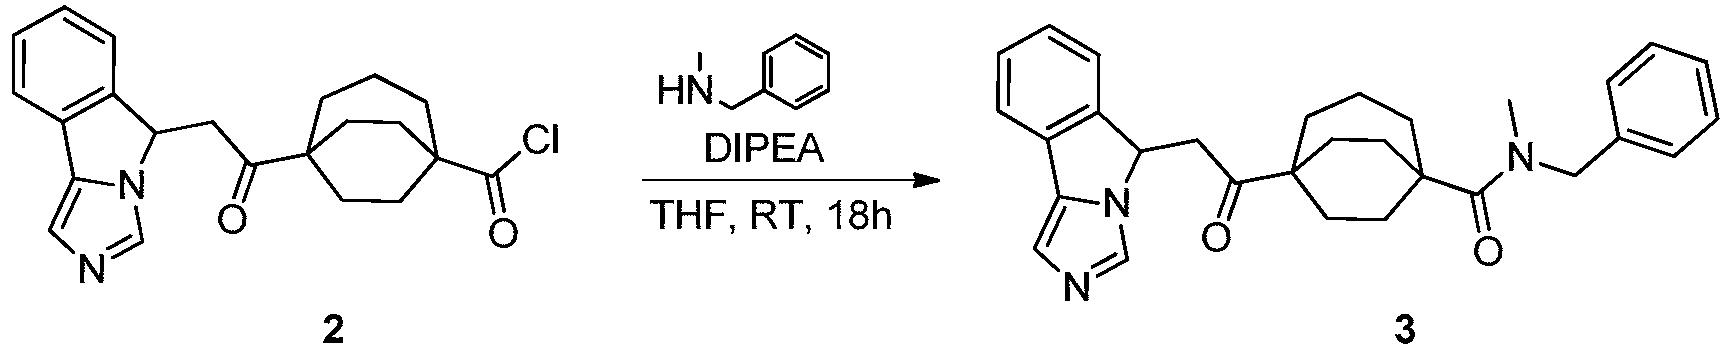 Figure PCTCN2017084604-appb-000076